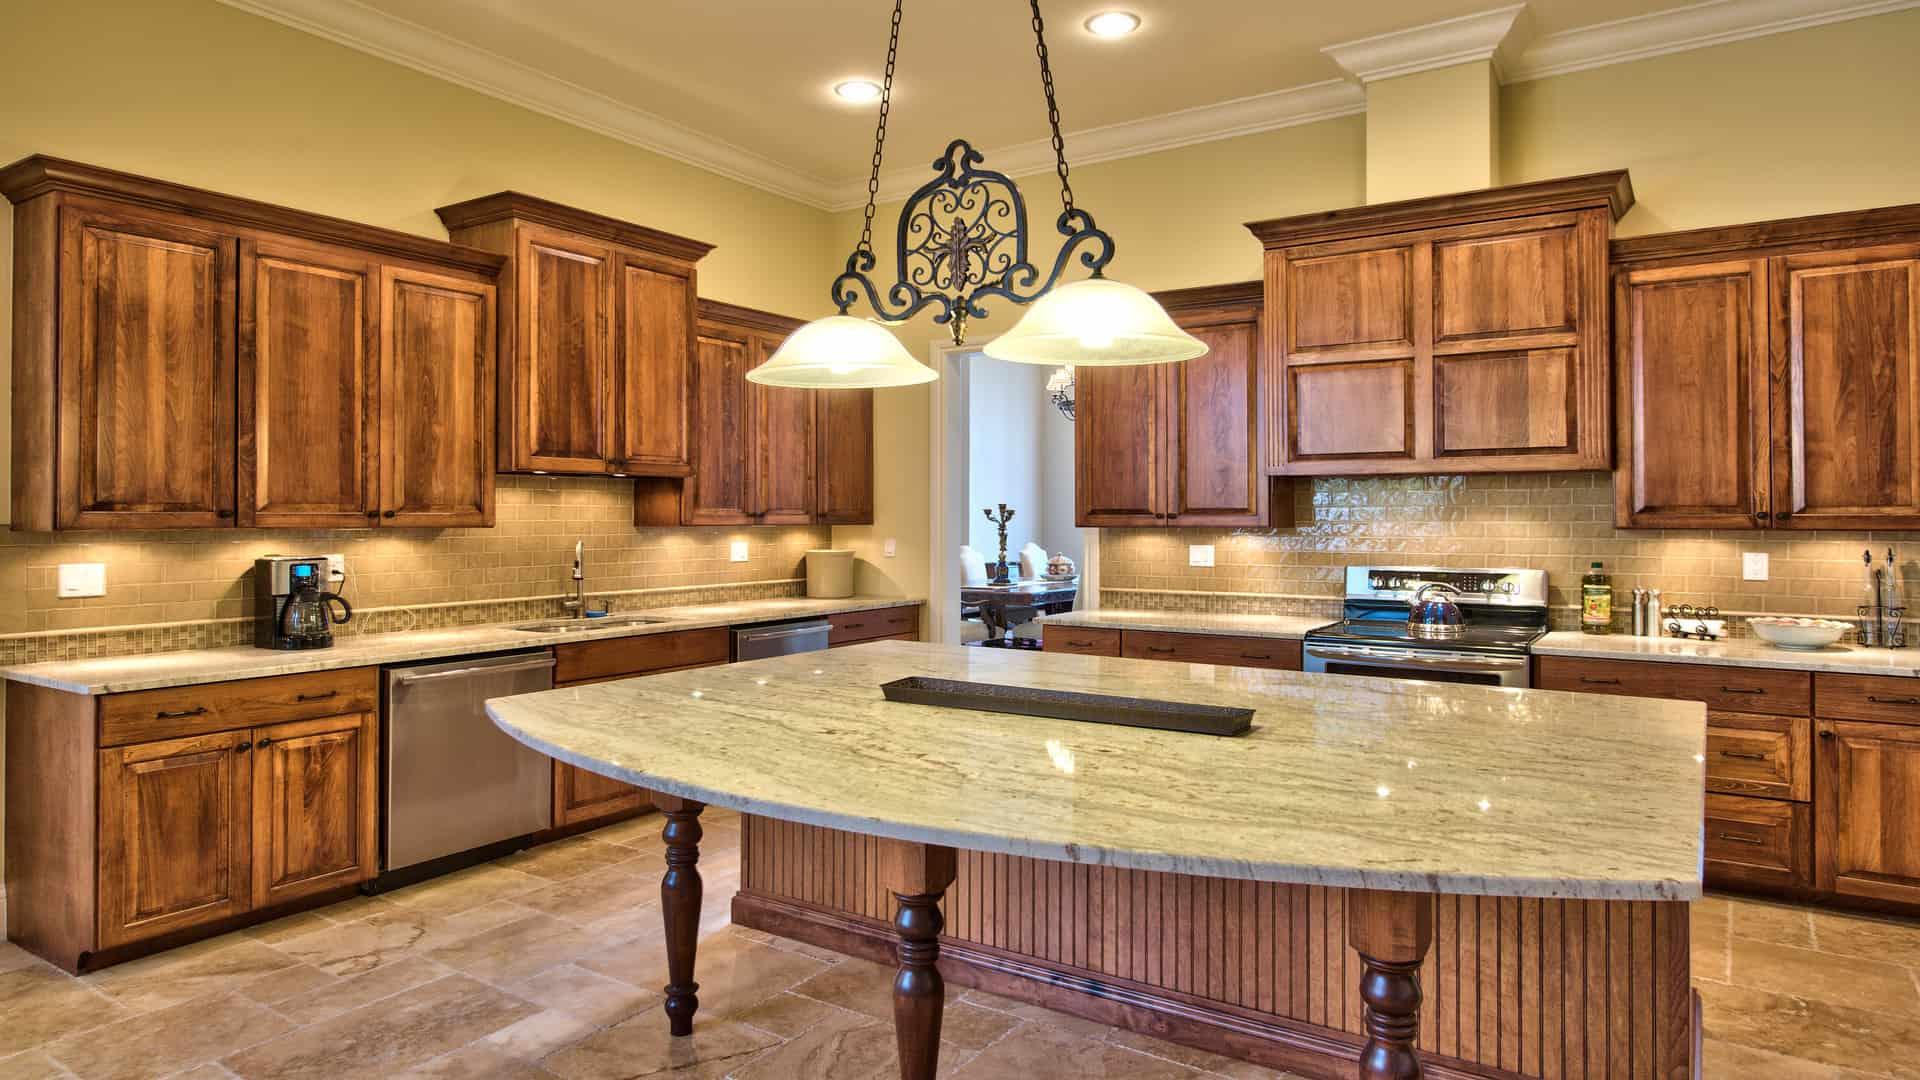 Naples, FL: Home Rentals • Naples Florida Vacation Homes